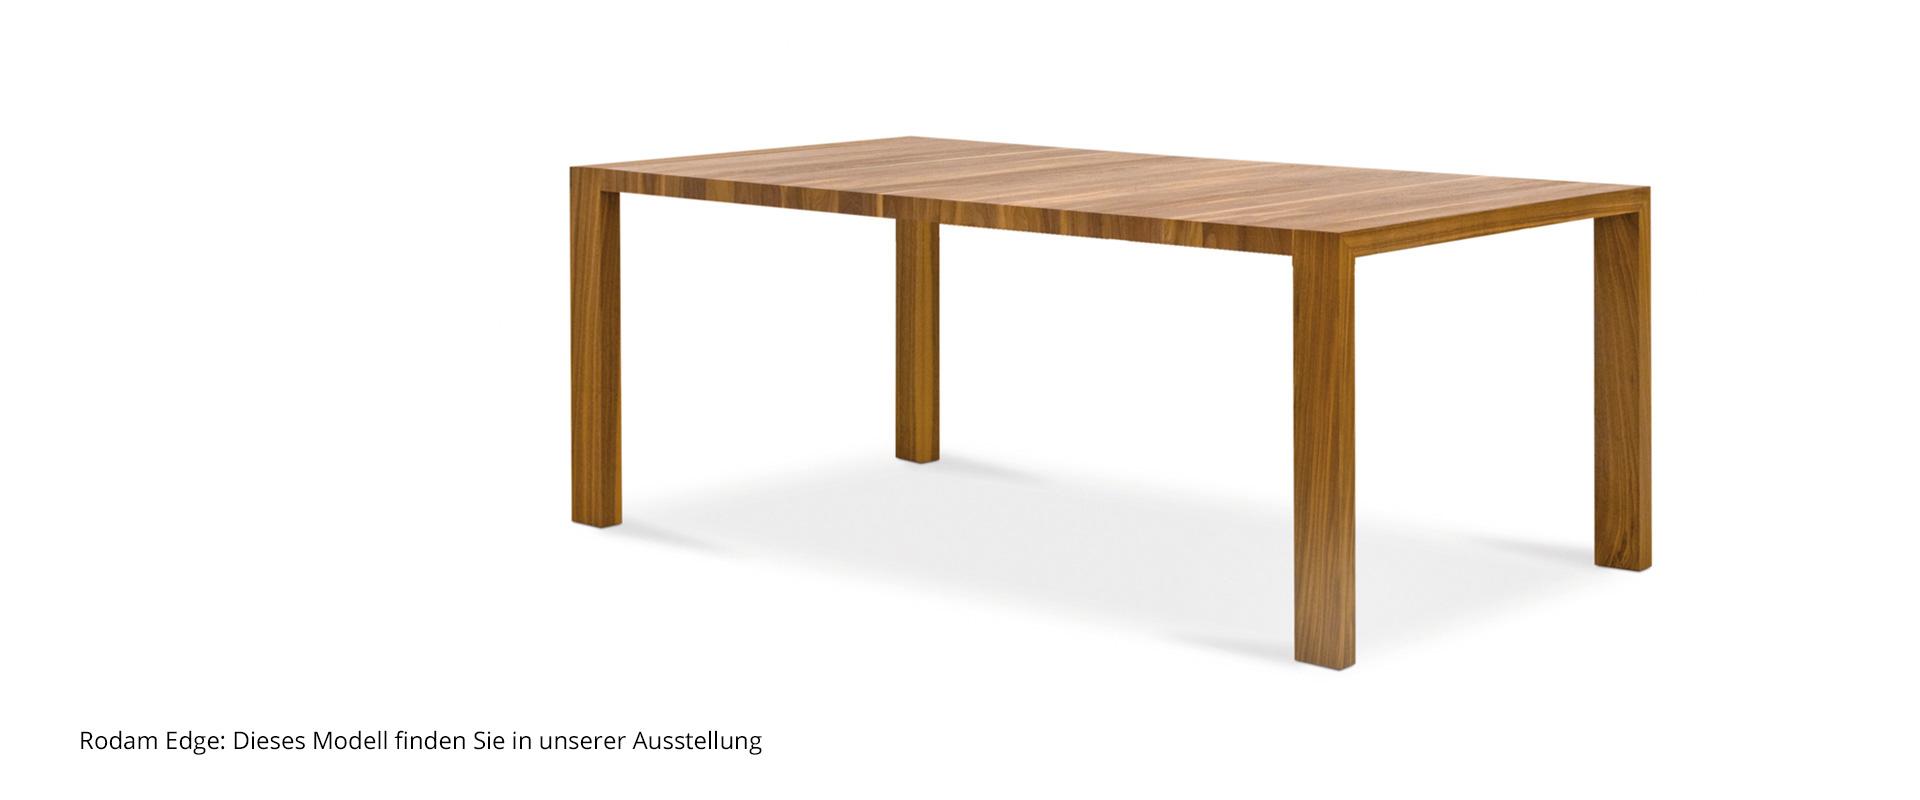 Ottensmeyer wohndesign - moderne Designermöbel und Markenmöbel zu ...